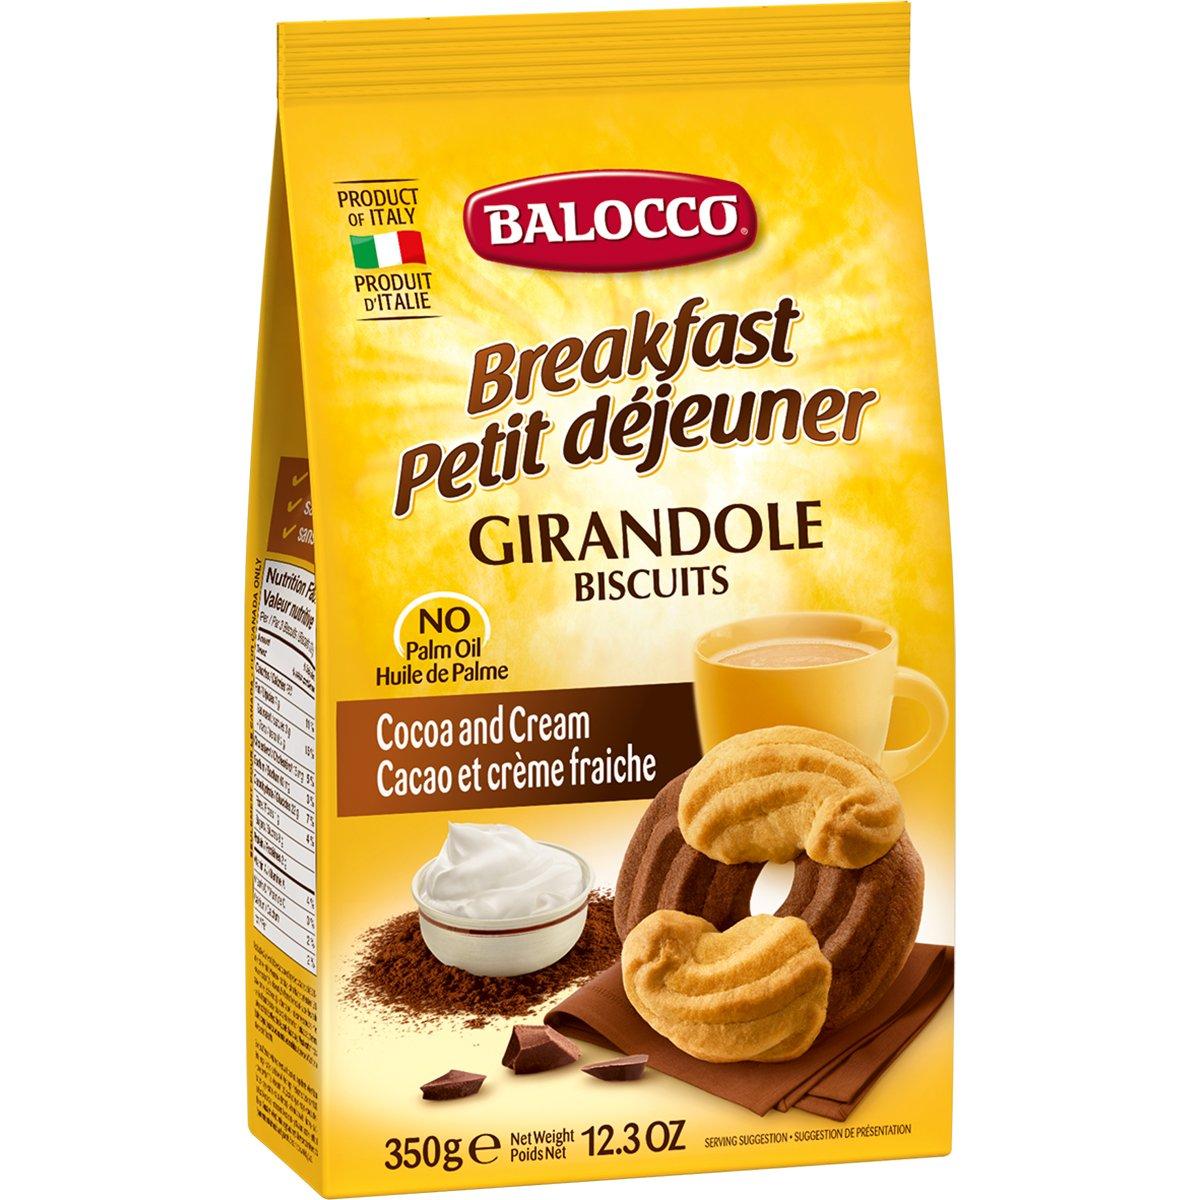 Biscuiti cu cacao Balocco Girandole, 350 g imagine